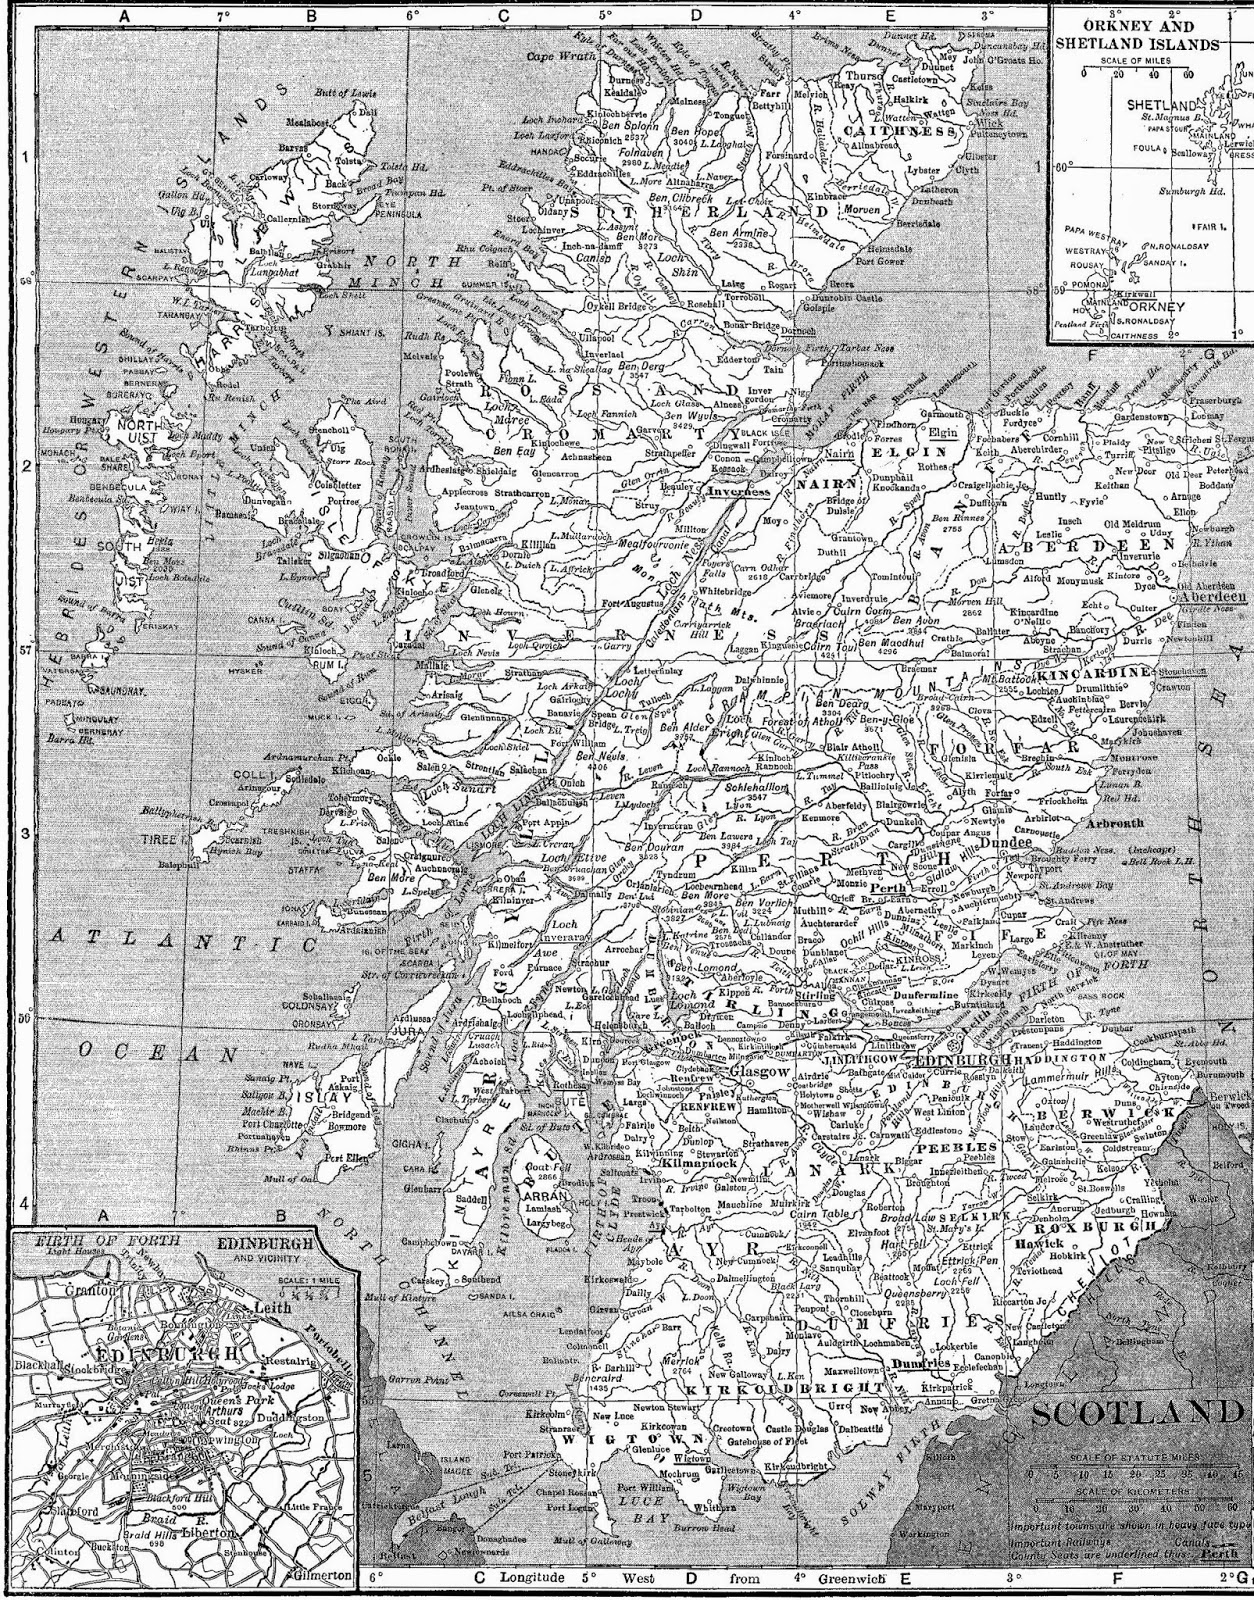 Antique Images: Free Digital Image Transfer of Vintage Map ...